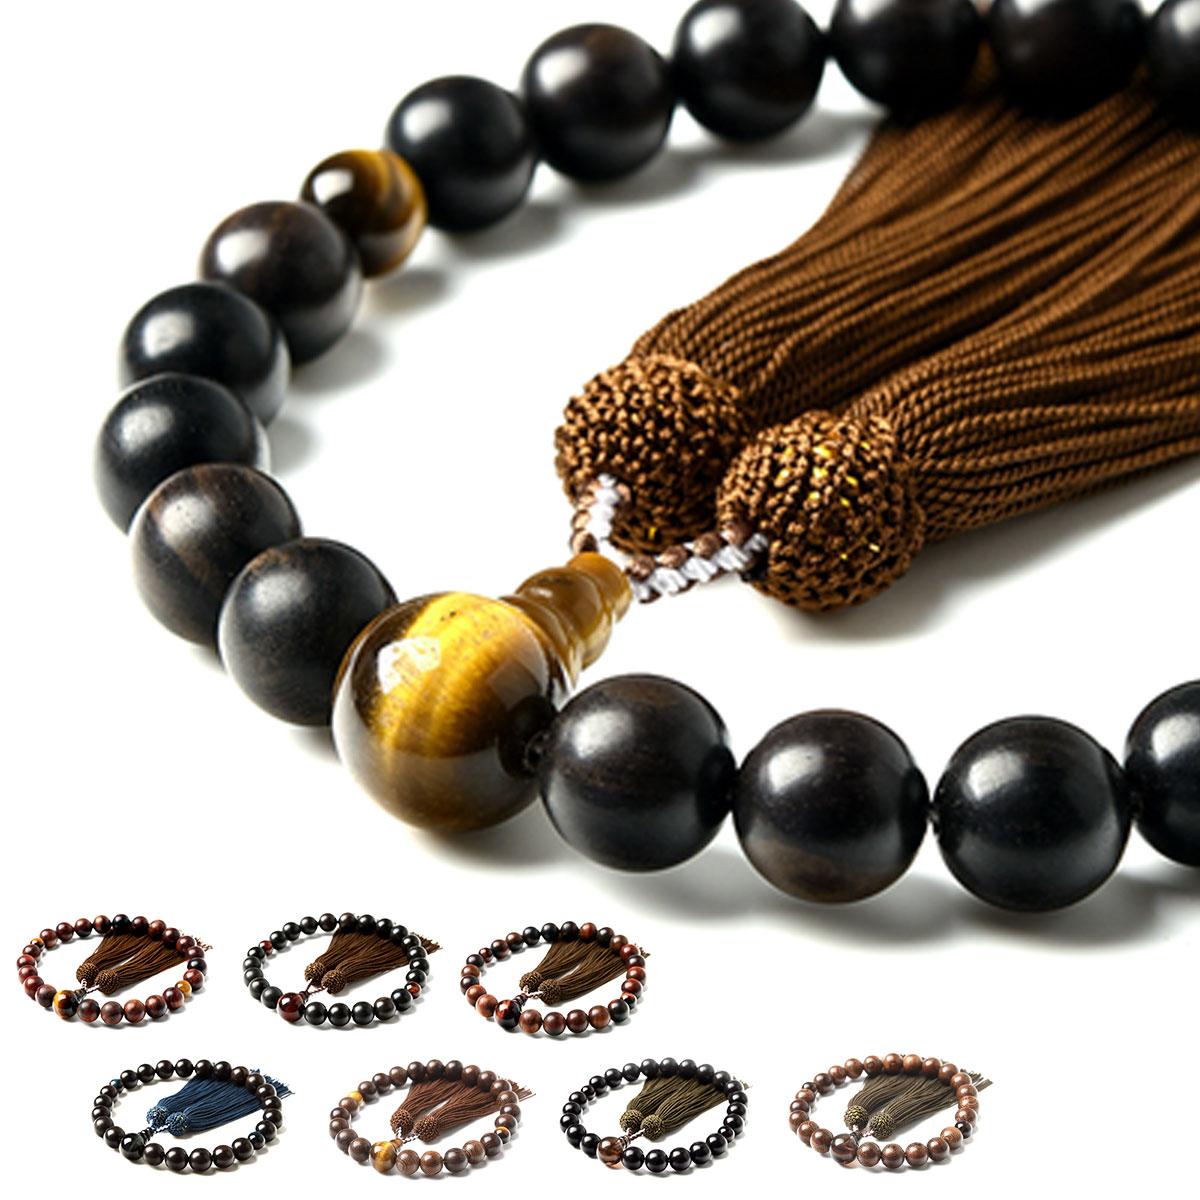 数珠 男性用 多種類選 商品ポーチ付 13mm 青虎目石 茶水晶 念珠 天然石 juzu